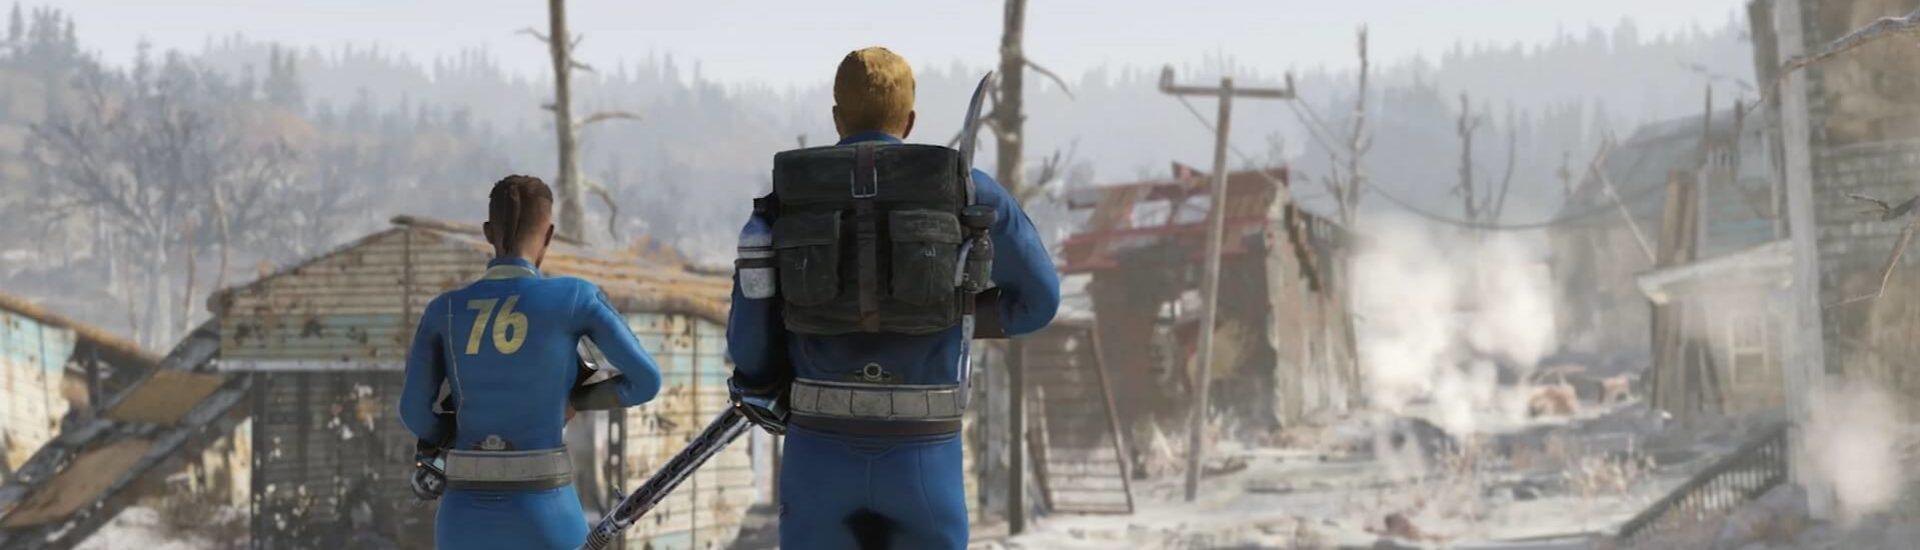 Fallout 76: Update bringt kleine Verbesserungen mit großer Wirkung